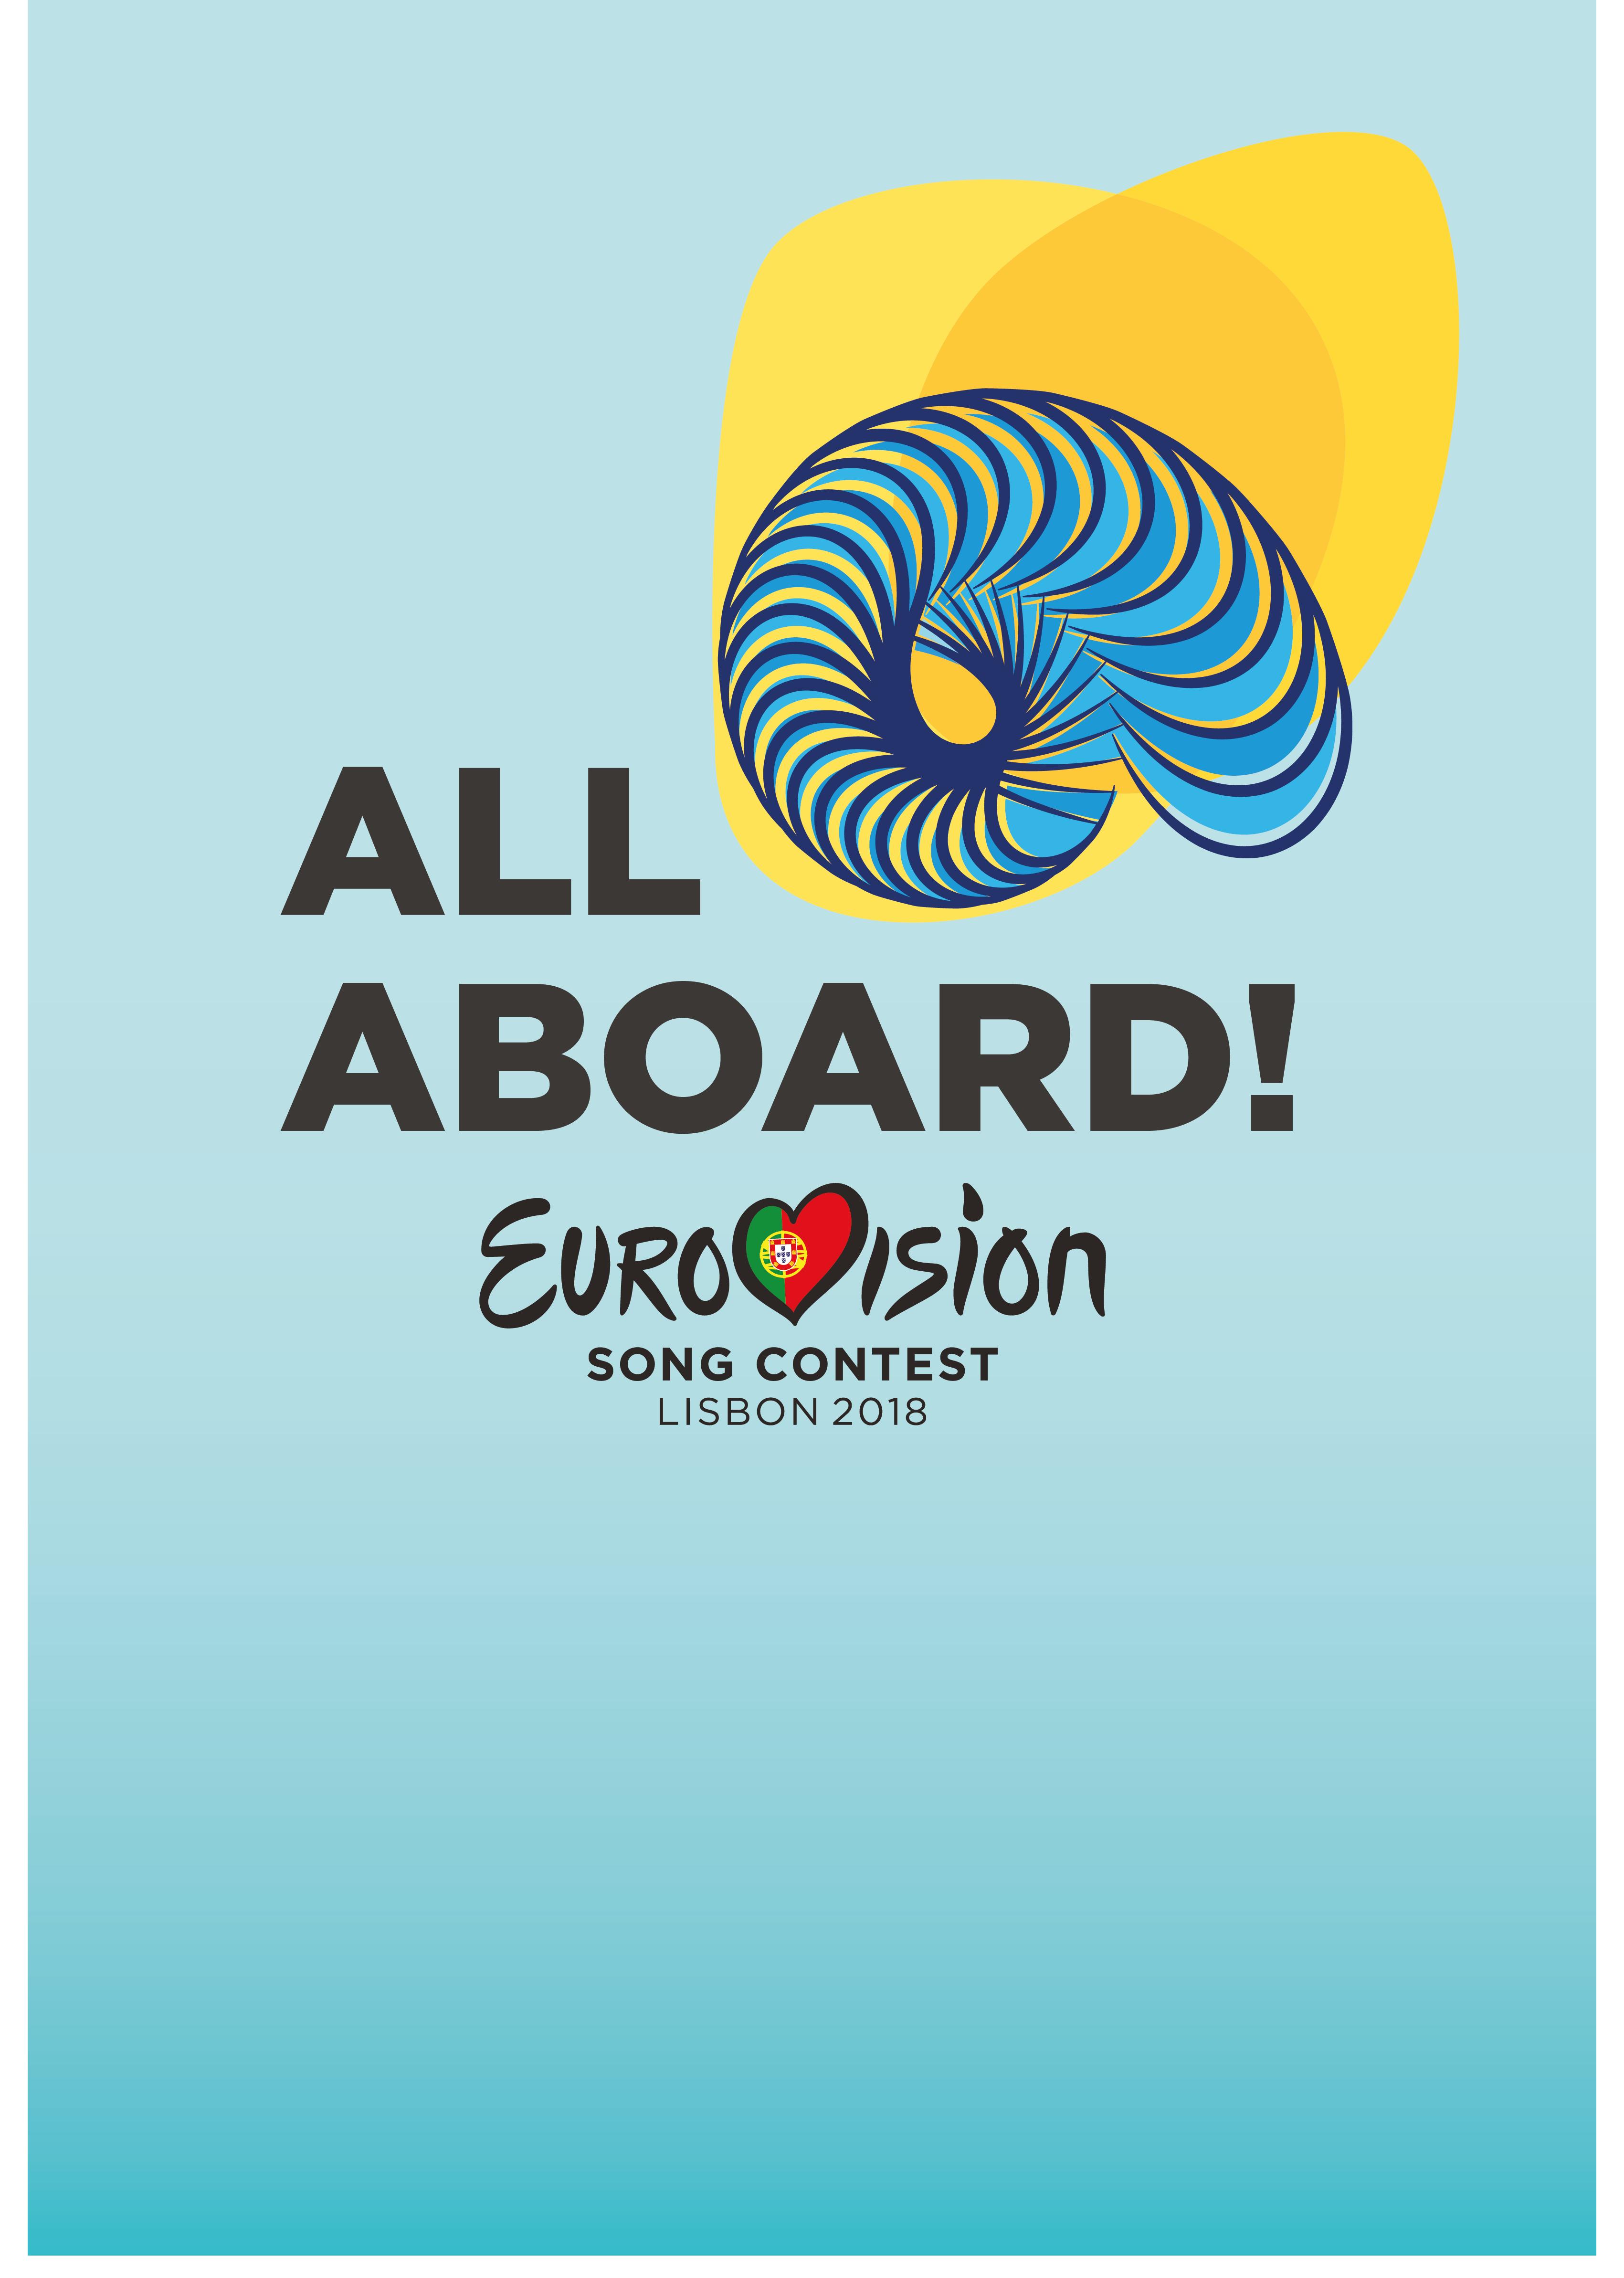 Tous chez votre bookmaker ! Le fameux Professeur Stéphane vous dévoile, comme chaque année, le gagnant de l'Eurovision une semaine en avance ! Les paris sont ouverts sur Bmol.